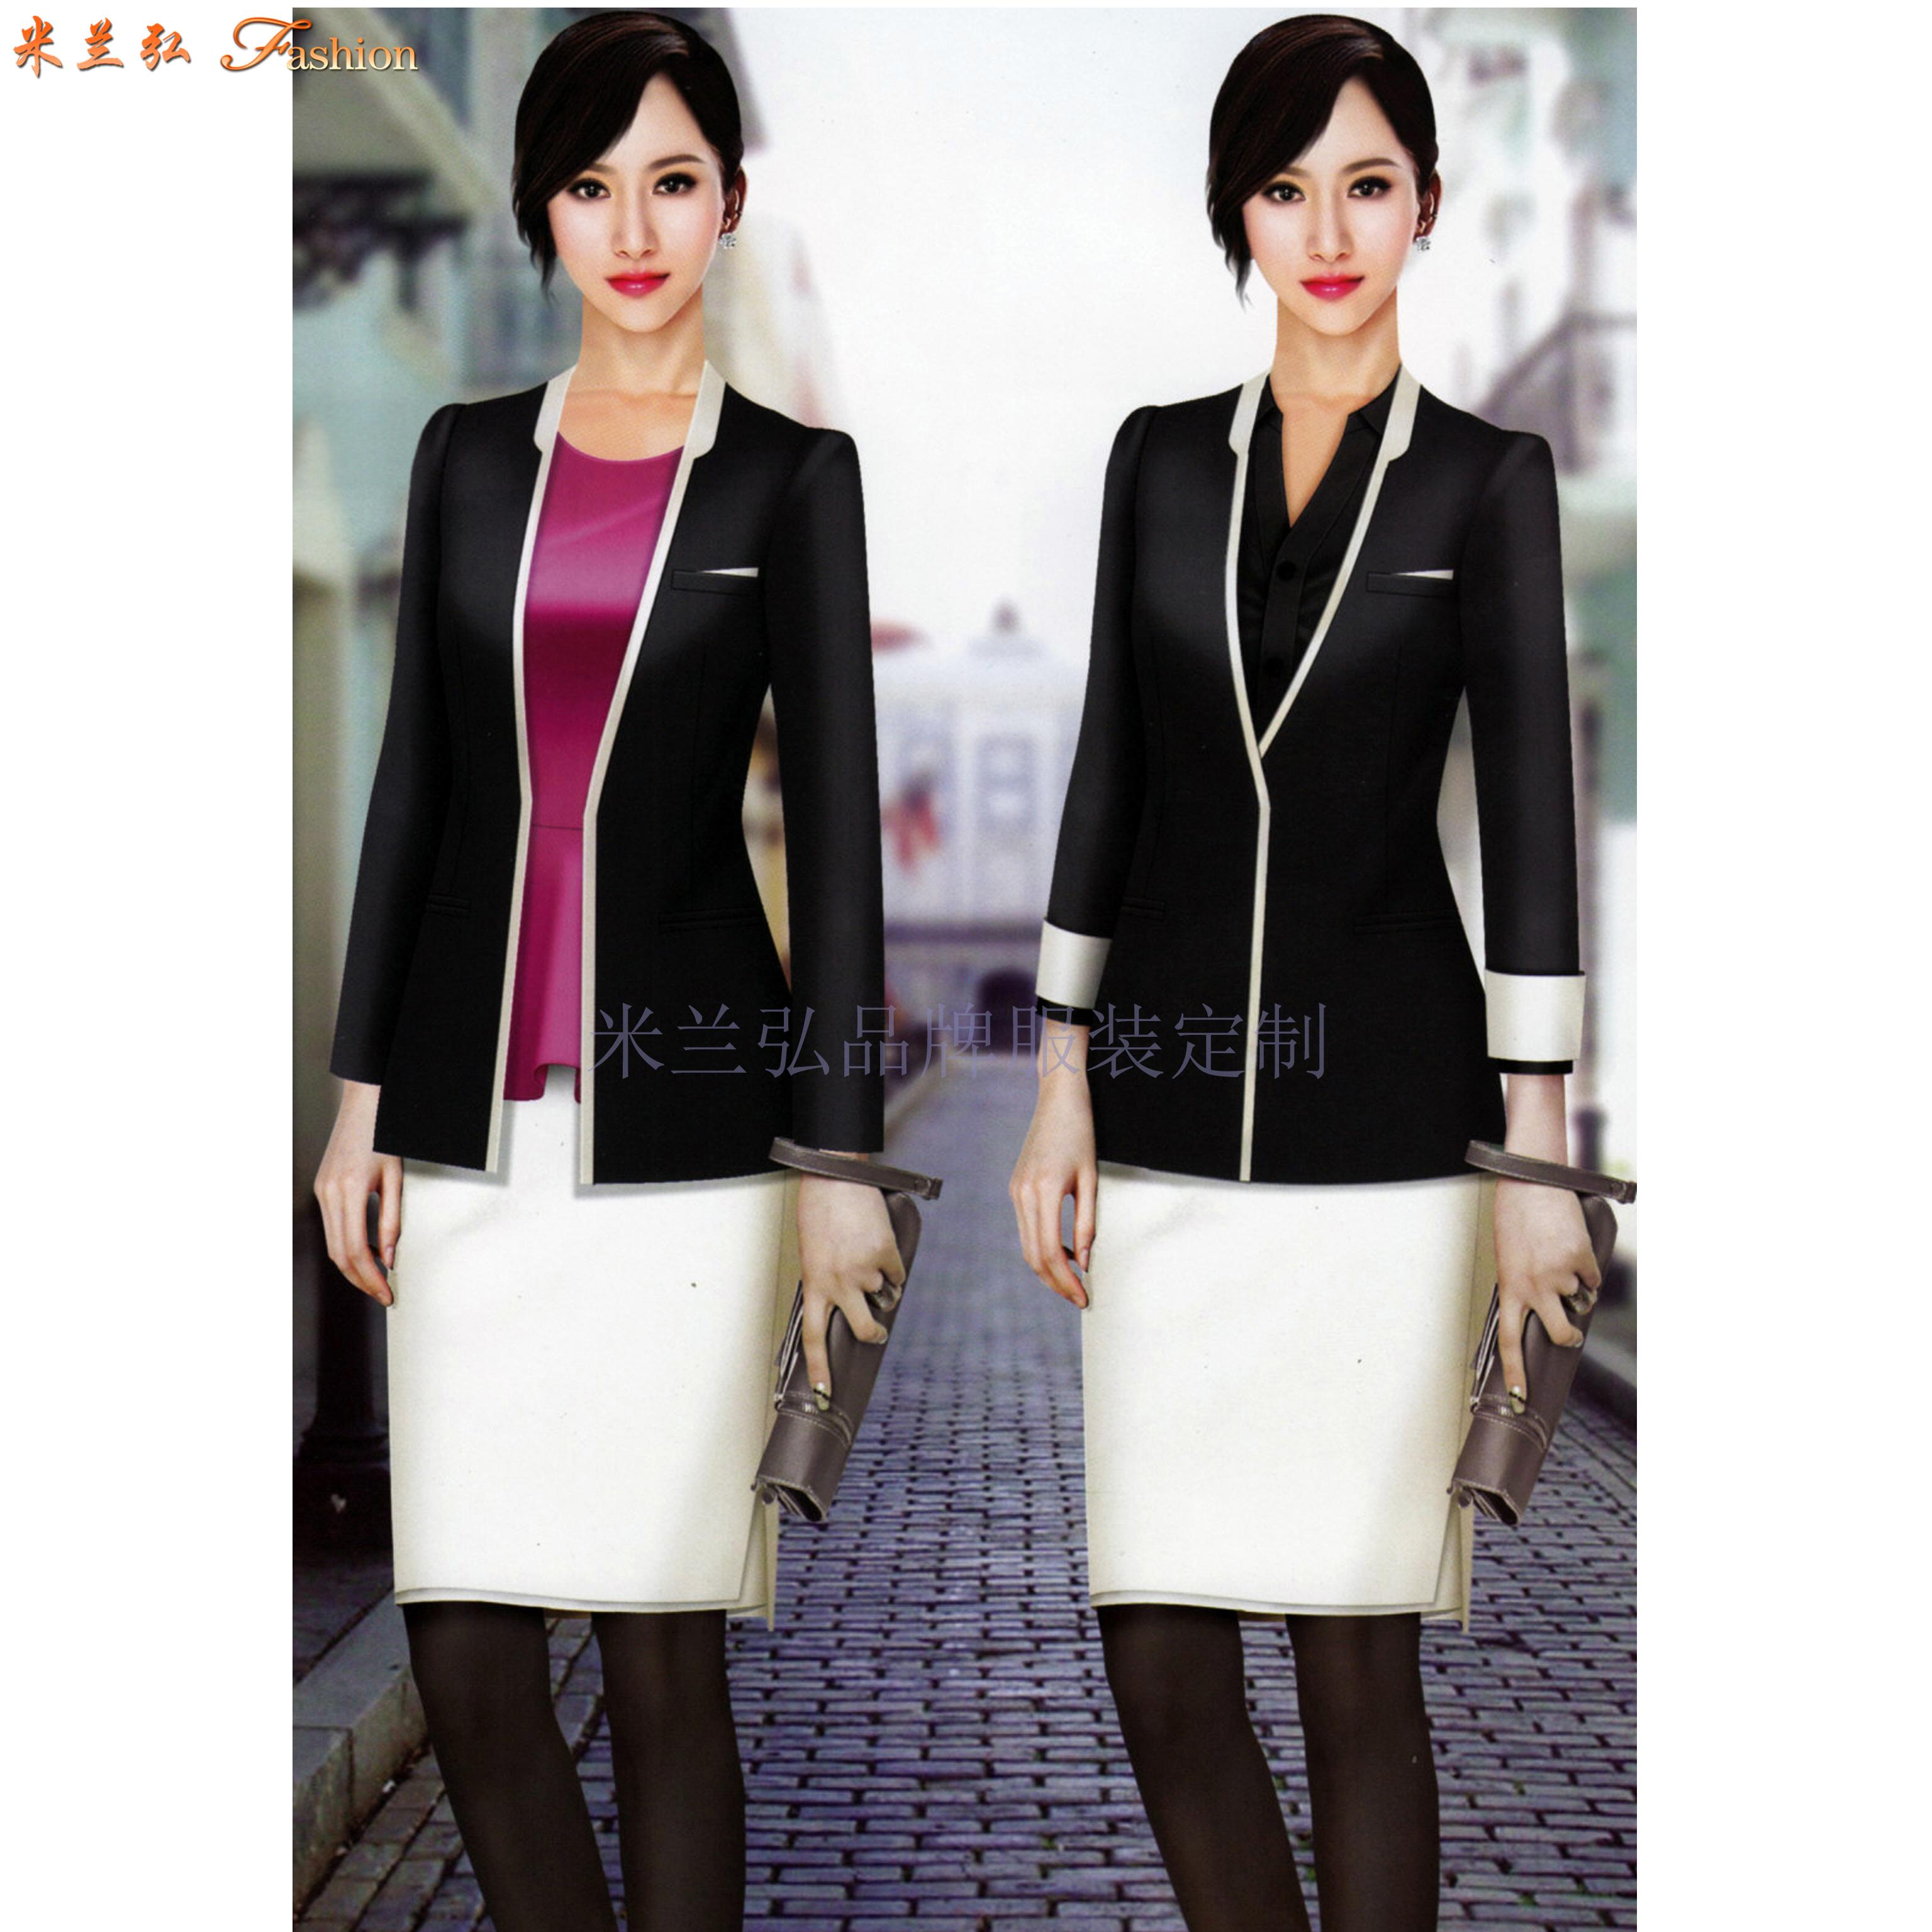 北京高端職業裝定制品牌-米蘭弘公司設計制作職業裝新款女裝圖片-4